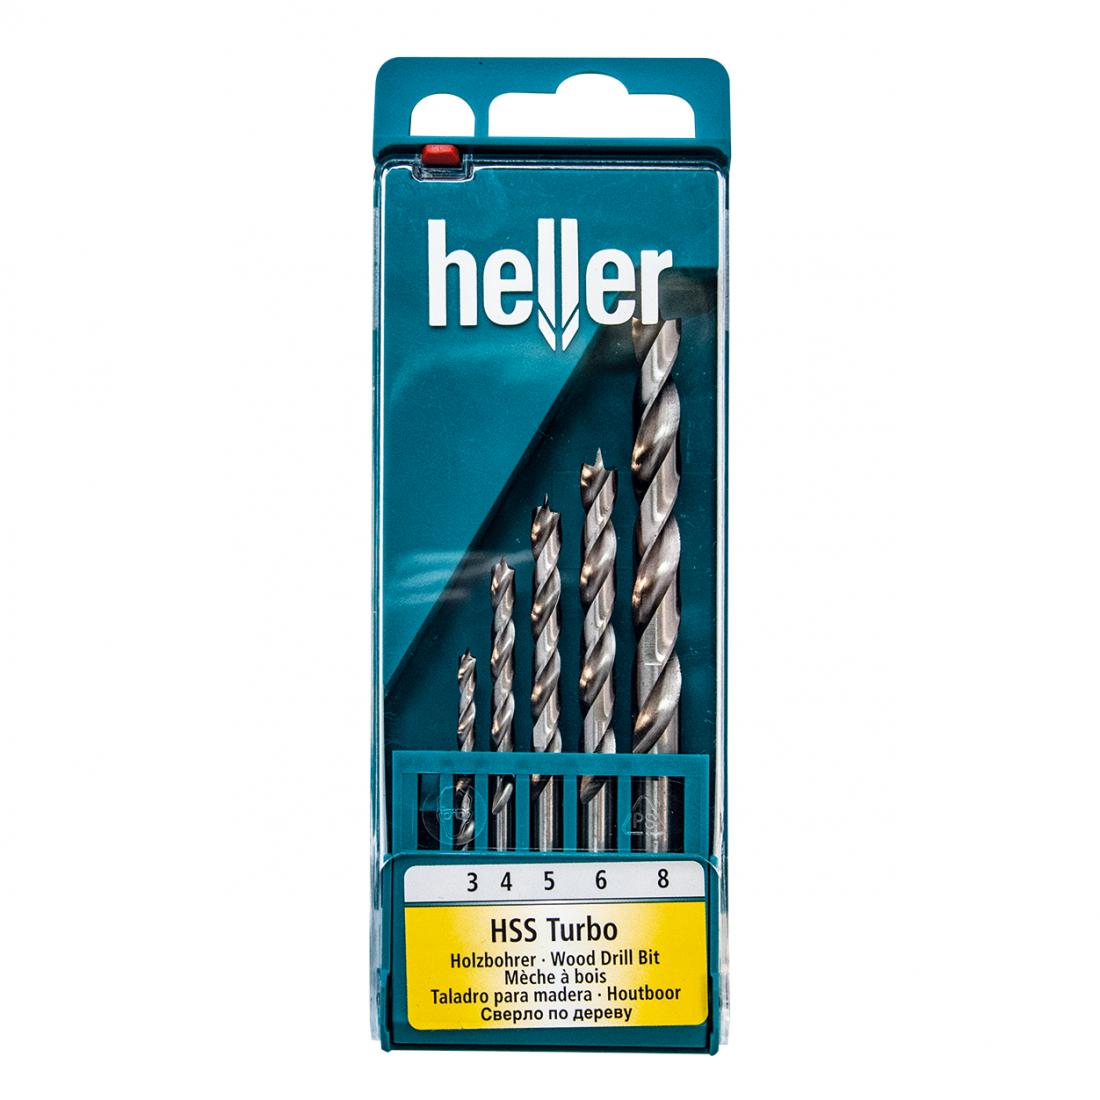 Набор спиральных сверл Heller HSS turbo (3,4,5,6,8 мм) (5 пр.)